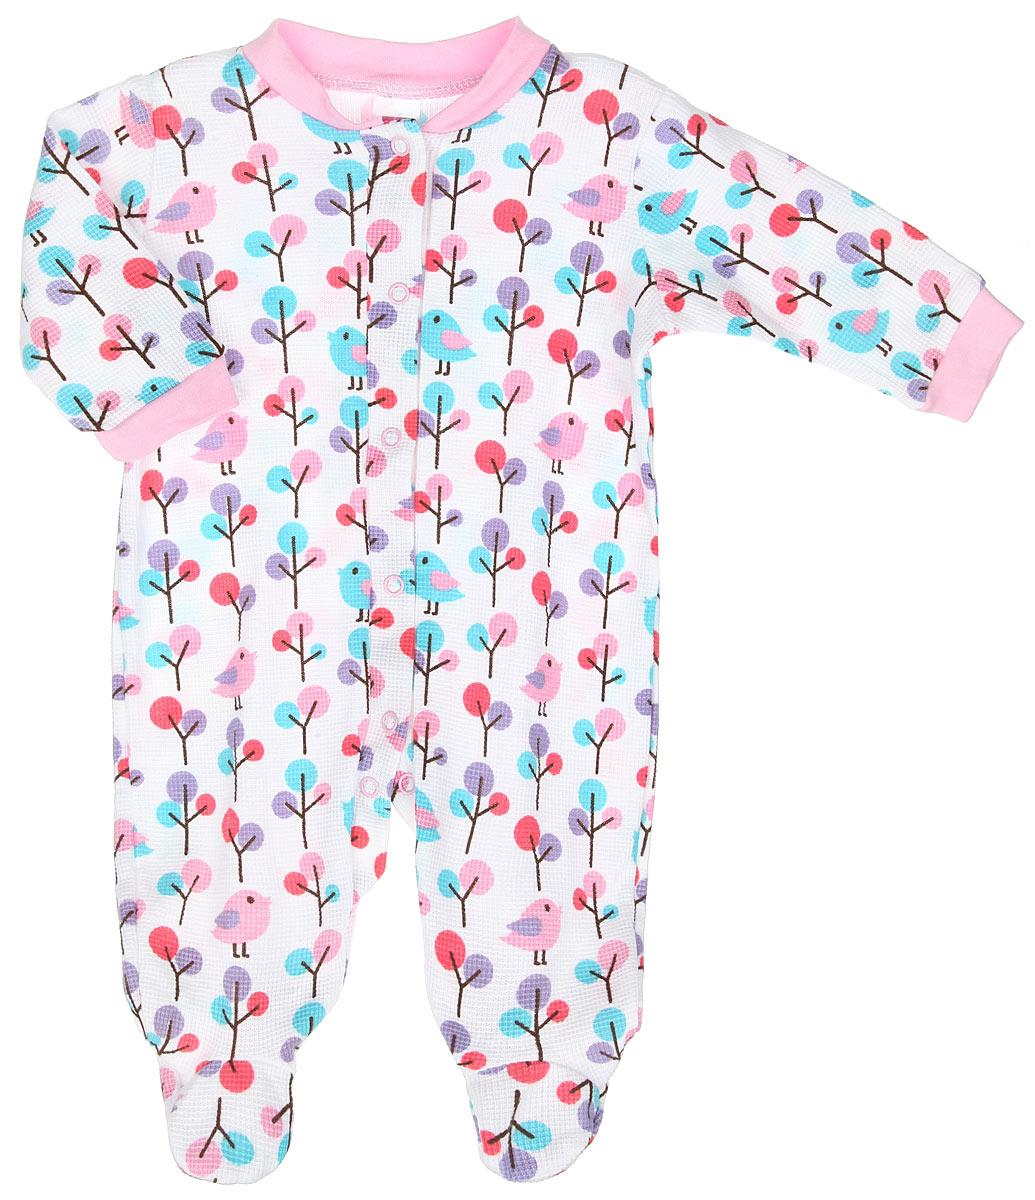 55095Комбинезон для девочки Hudson Baby - удобный и практичный вид одежды для ребенка, который идеально подходит для сна и отдыха. Комбинезон выполнен из натурального хлопка, благодаря чему он очень мягкий и приятный на ощупь, не раздражает нежную кожу малышки и хорошо вентилируется. Комбинезон с длинными рукавами и закрытыми ножками имеет застежки-кнопки от горловины до щиколоток, которые помогают легко переодеть младенца или сменить подгузник. Вырез горловины дополнен мягкой трикотажной резинкой. На рукавах предусмотрены манжеты, не пережимающие запястья. Изделие оформлено принтом с изображением птичек и деревьев по всей поверхности. Комфортный и уютный комбинезон станет незаменимым дополнением к гардеробу вашей маленькой принцессы. Изделие полностью соответствует особенностям жизни младенца в ранний период, не стесняя и не ограничивая его в движениях.